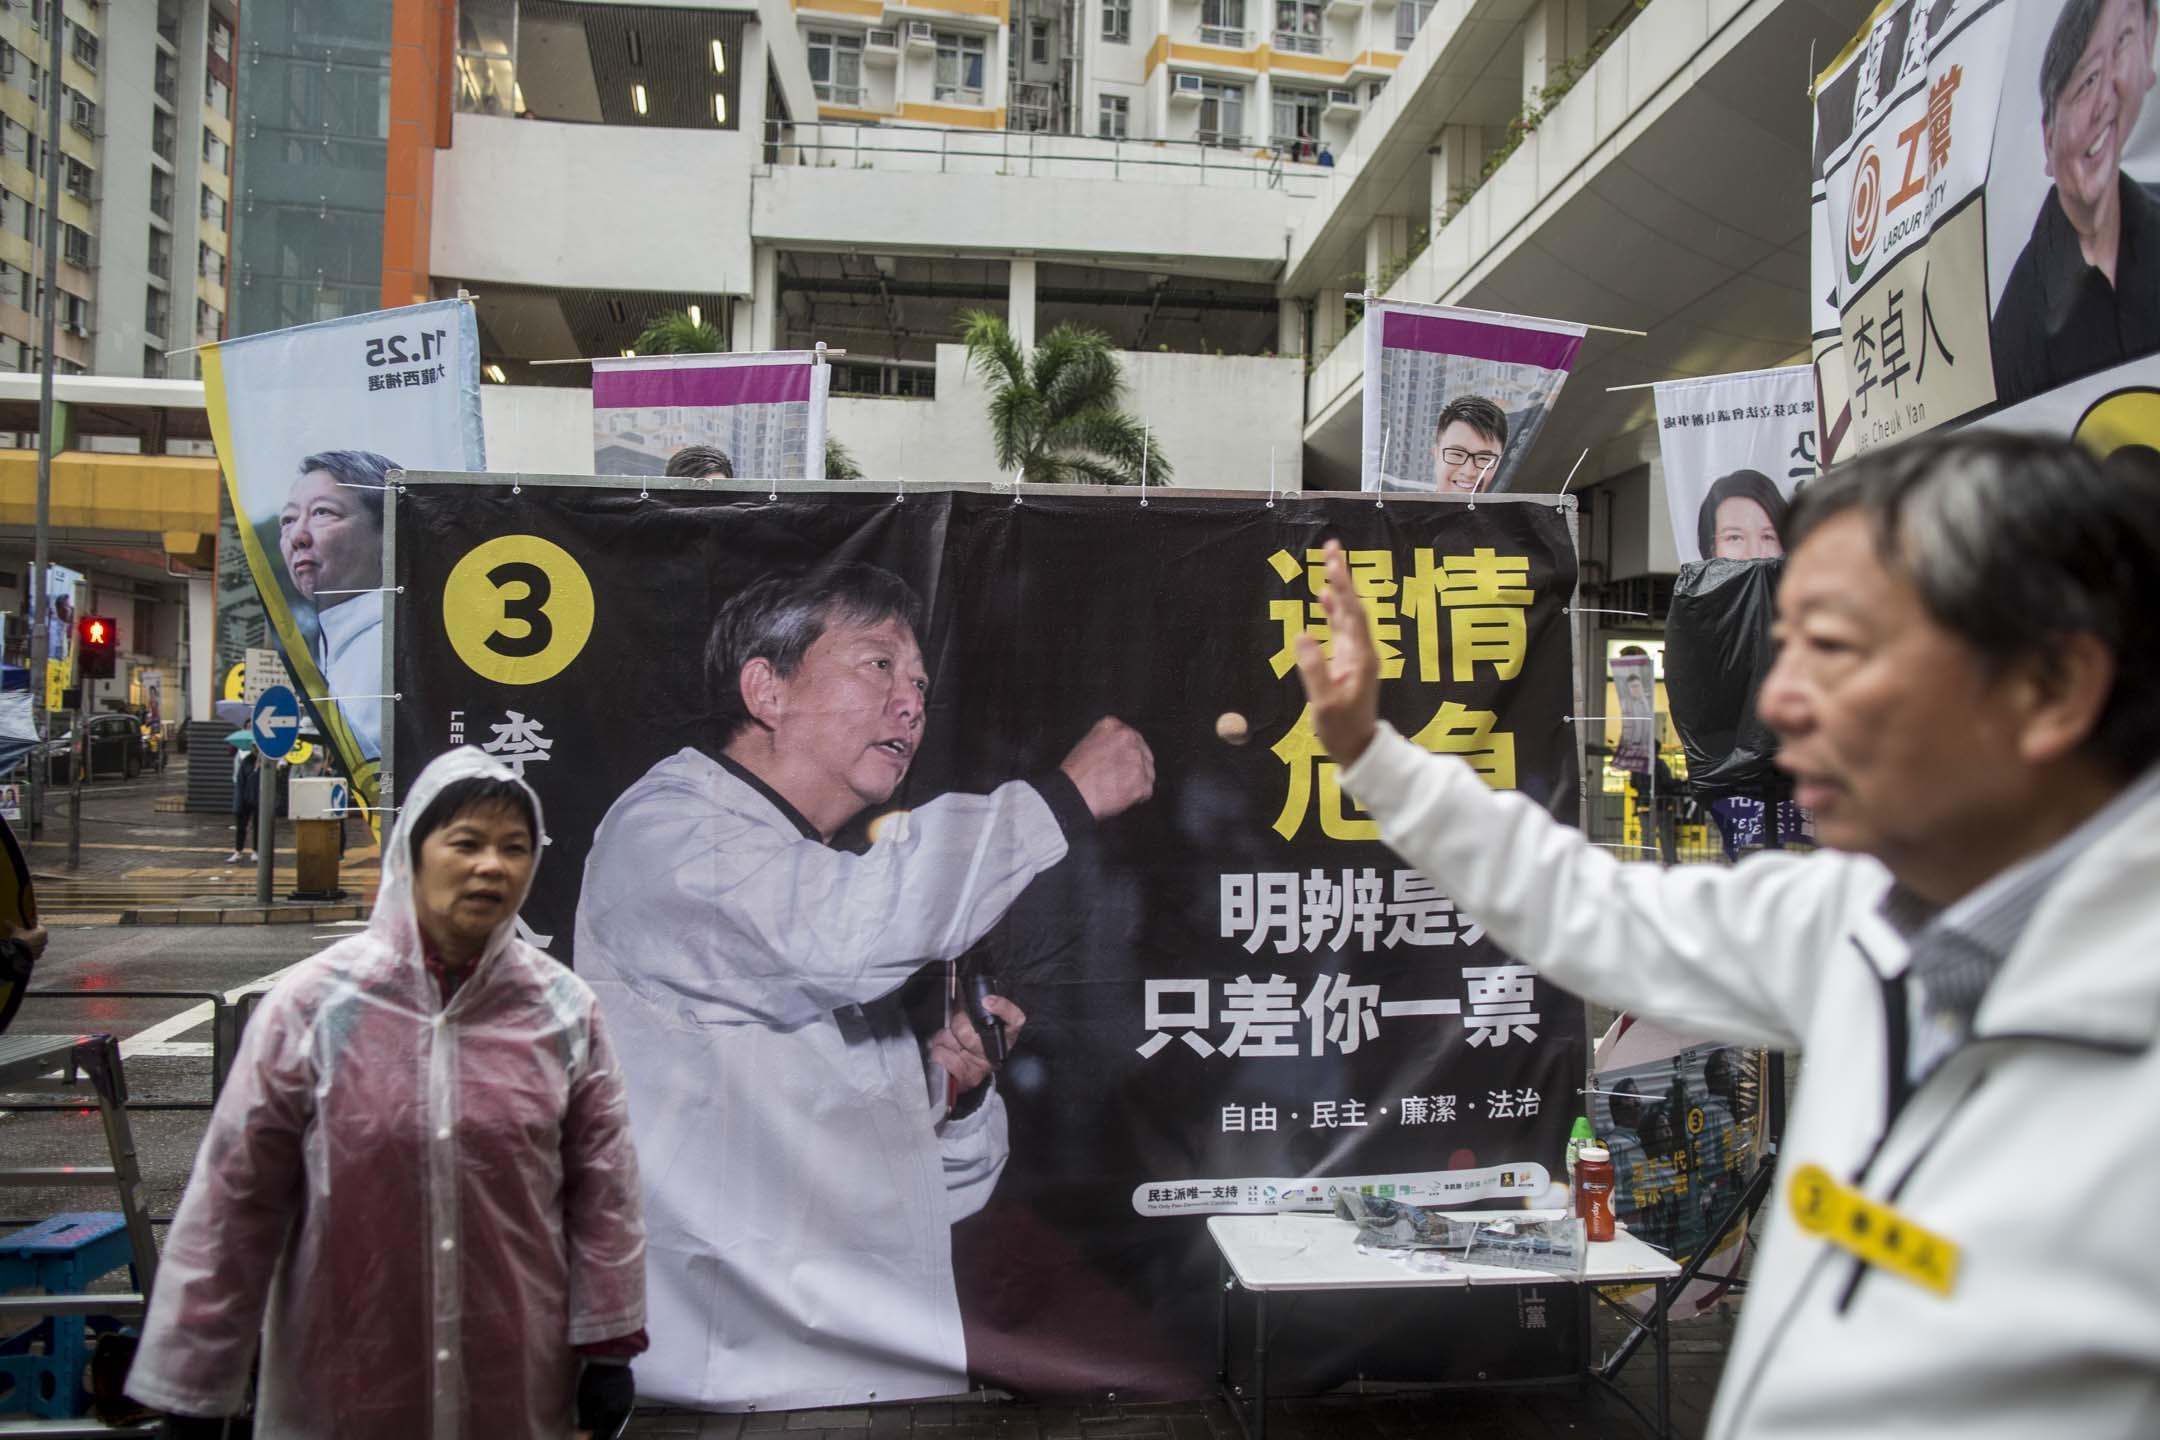 2018年11月25日,李卓人在石峽尾拉票。